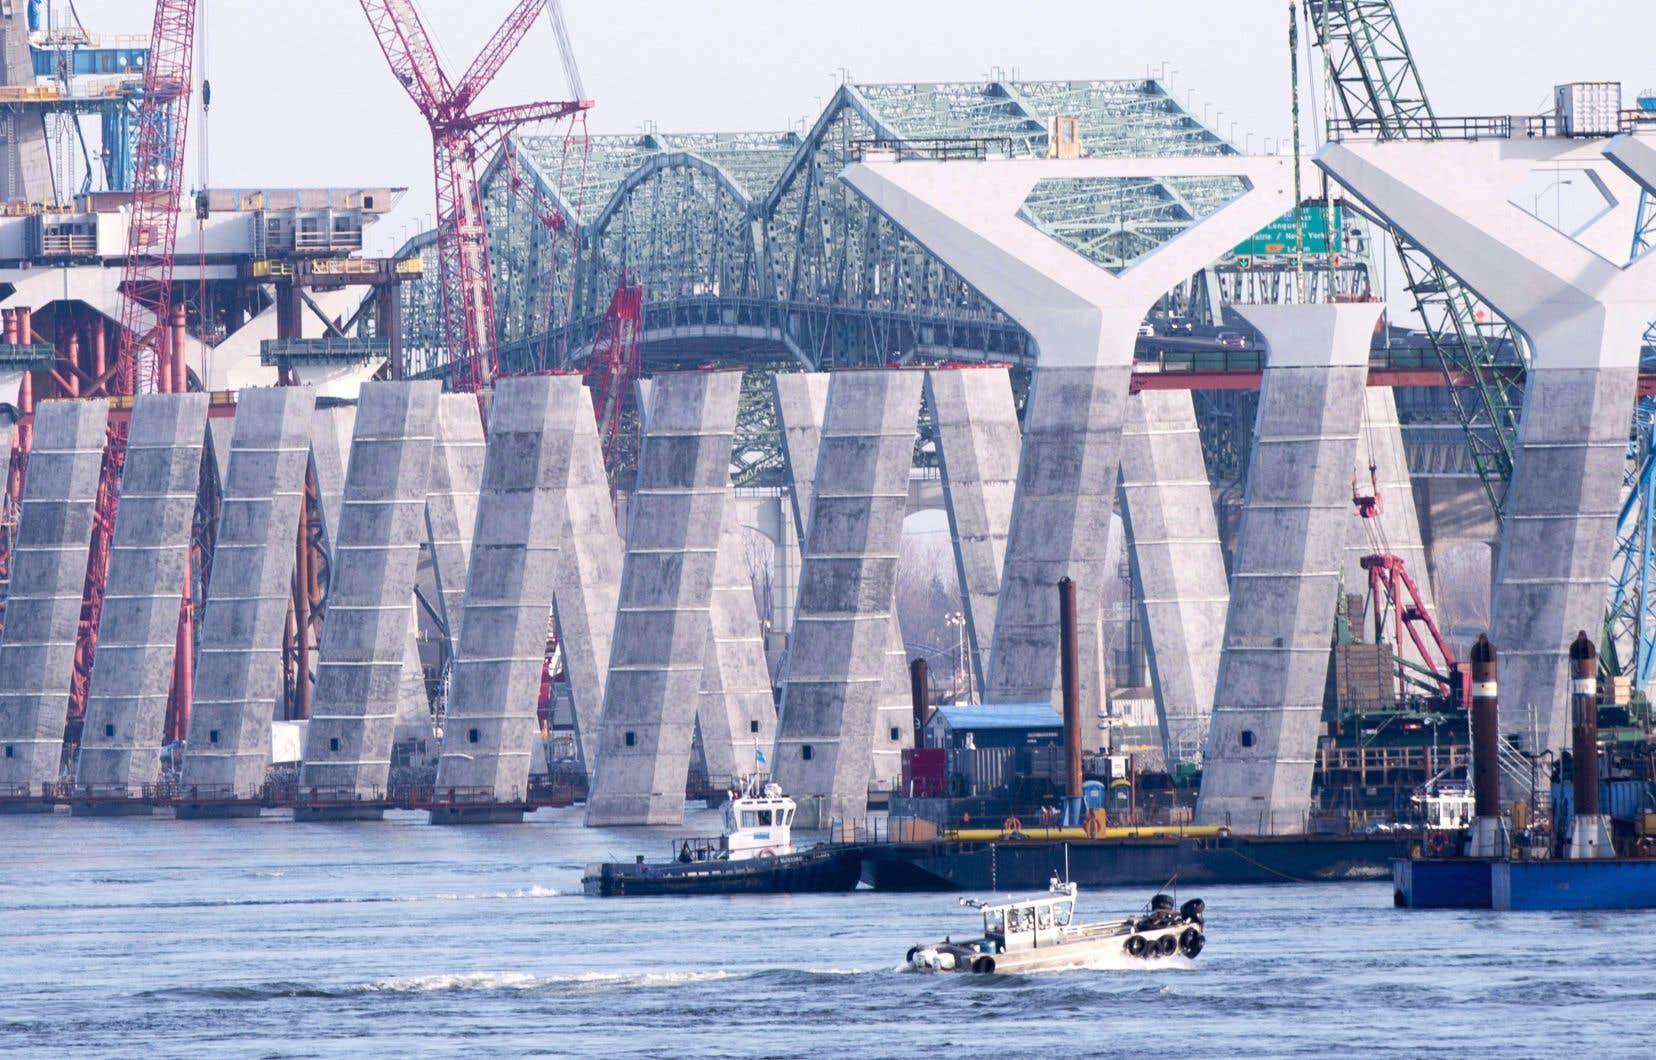 La construction du nouveau pont Champlain coûtera plus cher que prévu et ne sera pas terminée à temps, estime le vérificateur général du Canada.